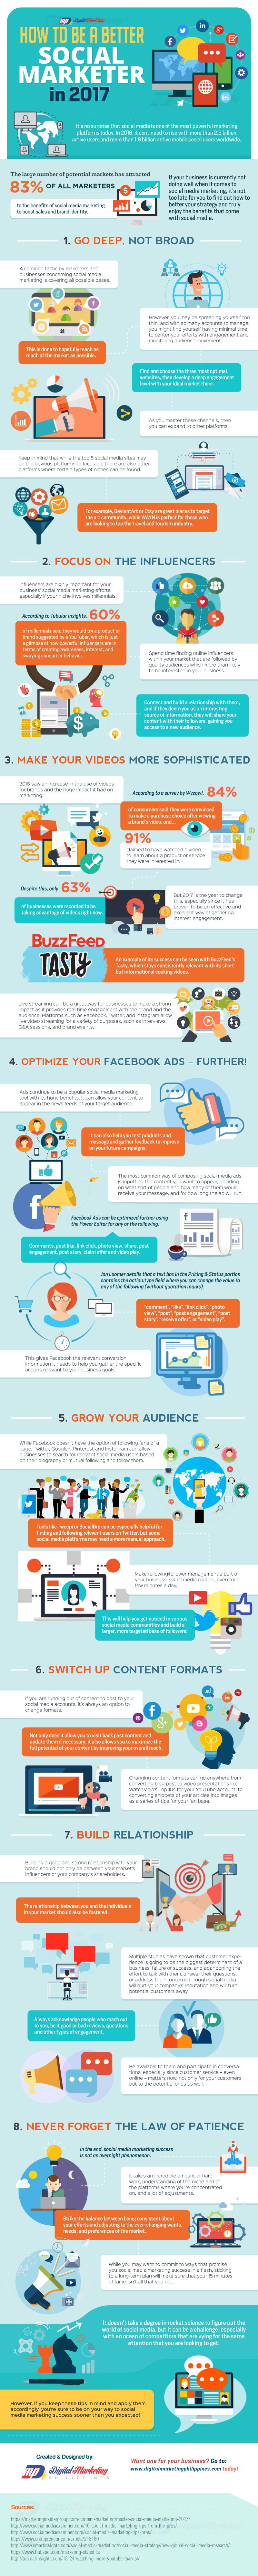 social-media-social-marketeur